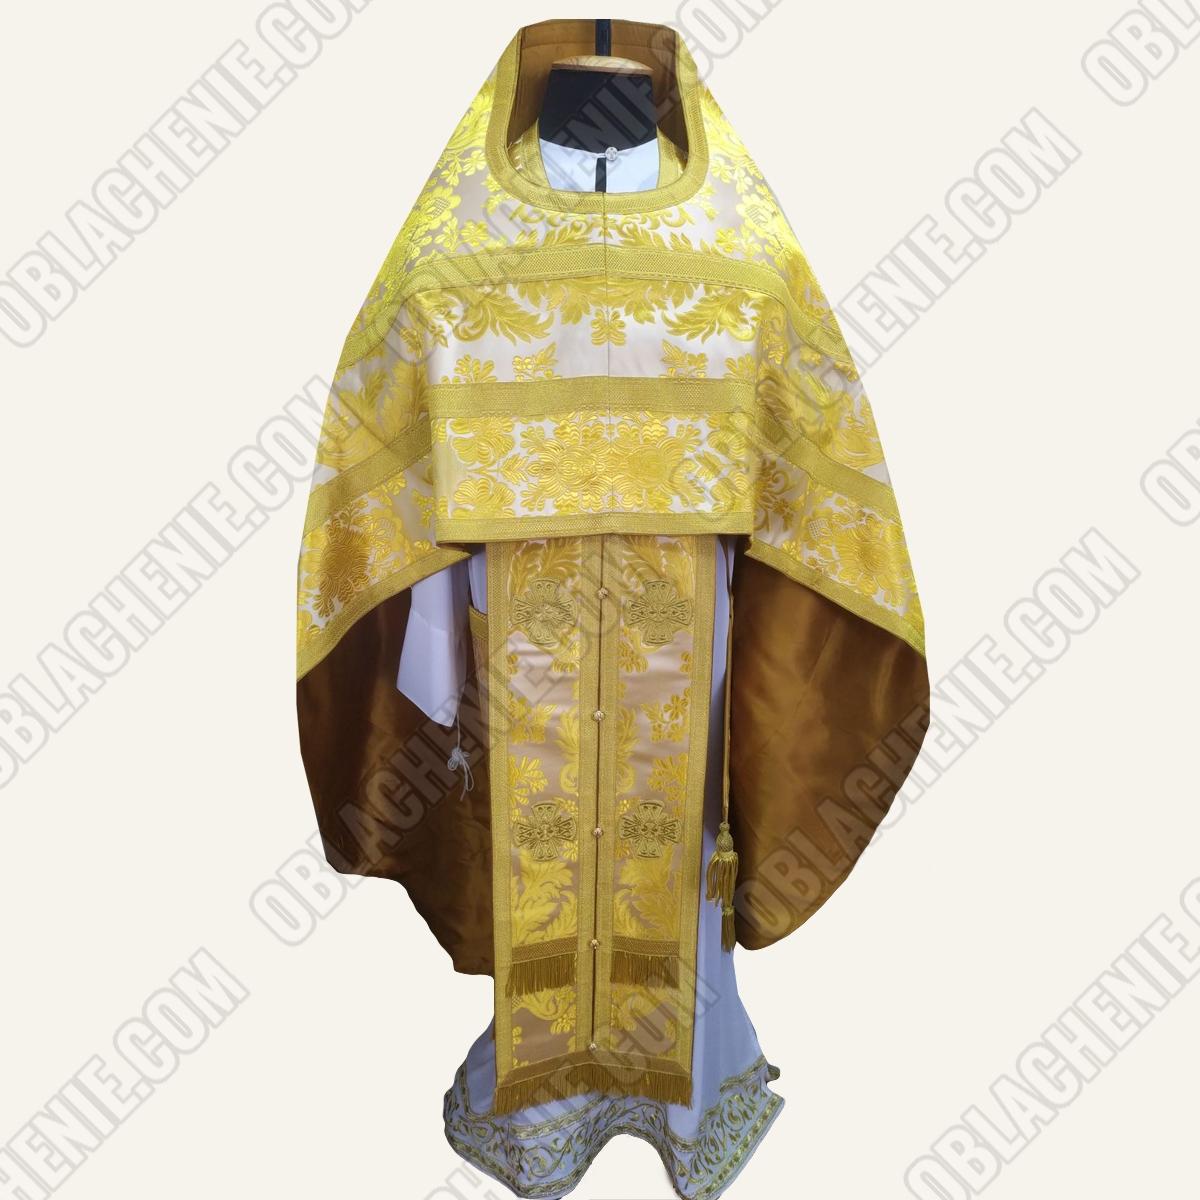 PRIEST'S VESTMENTS 11179